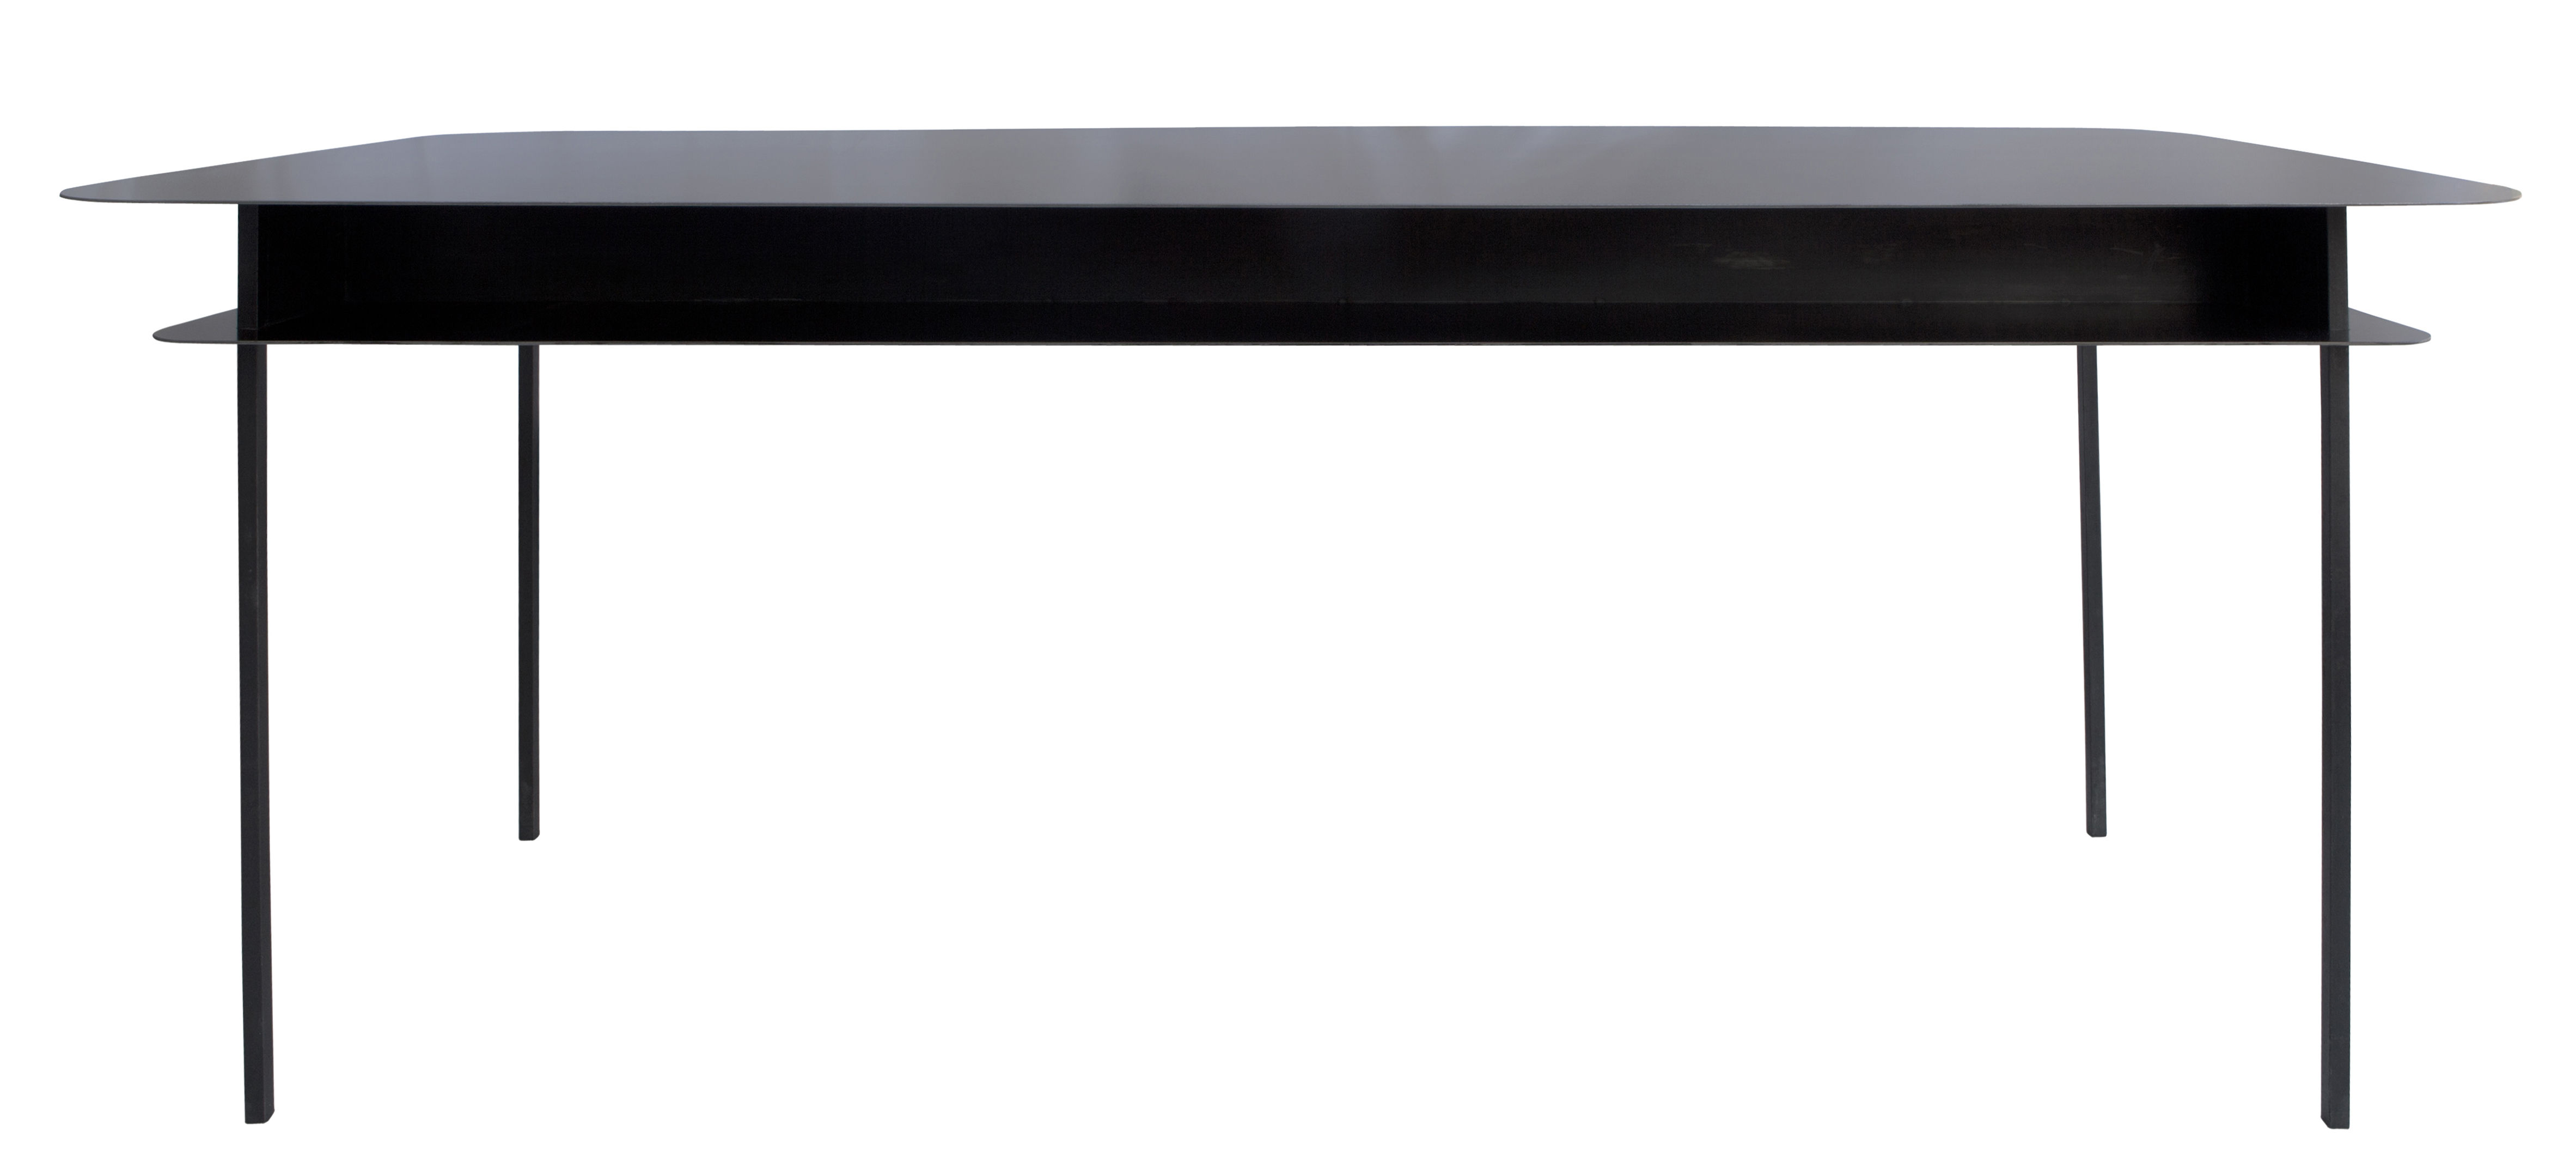 bureau tokyo 100 x 60 cm noir maison sarah lavoine. Black Bedroom Furniture Sets. Home Design Ideas